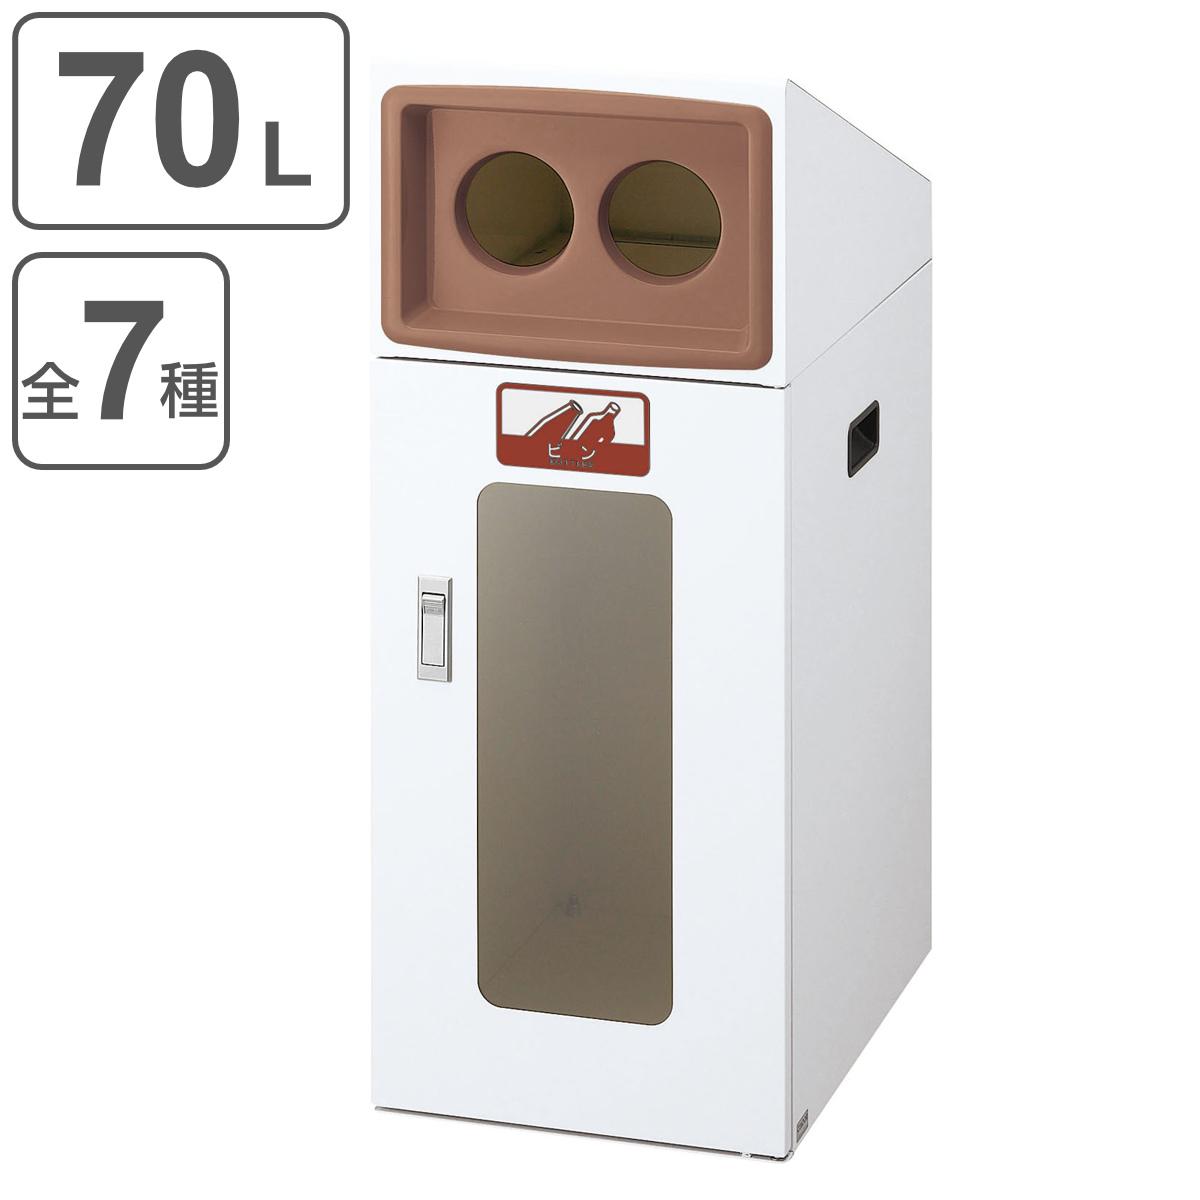 分別ゴミ箱 屋外用 リサイクルボックス TOS-50 ( 送料無料 ダストボックス 屑入れ 業務用 ) 【5000円以上送料無料】